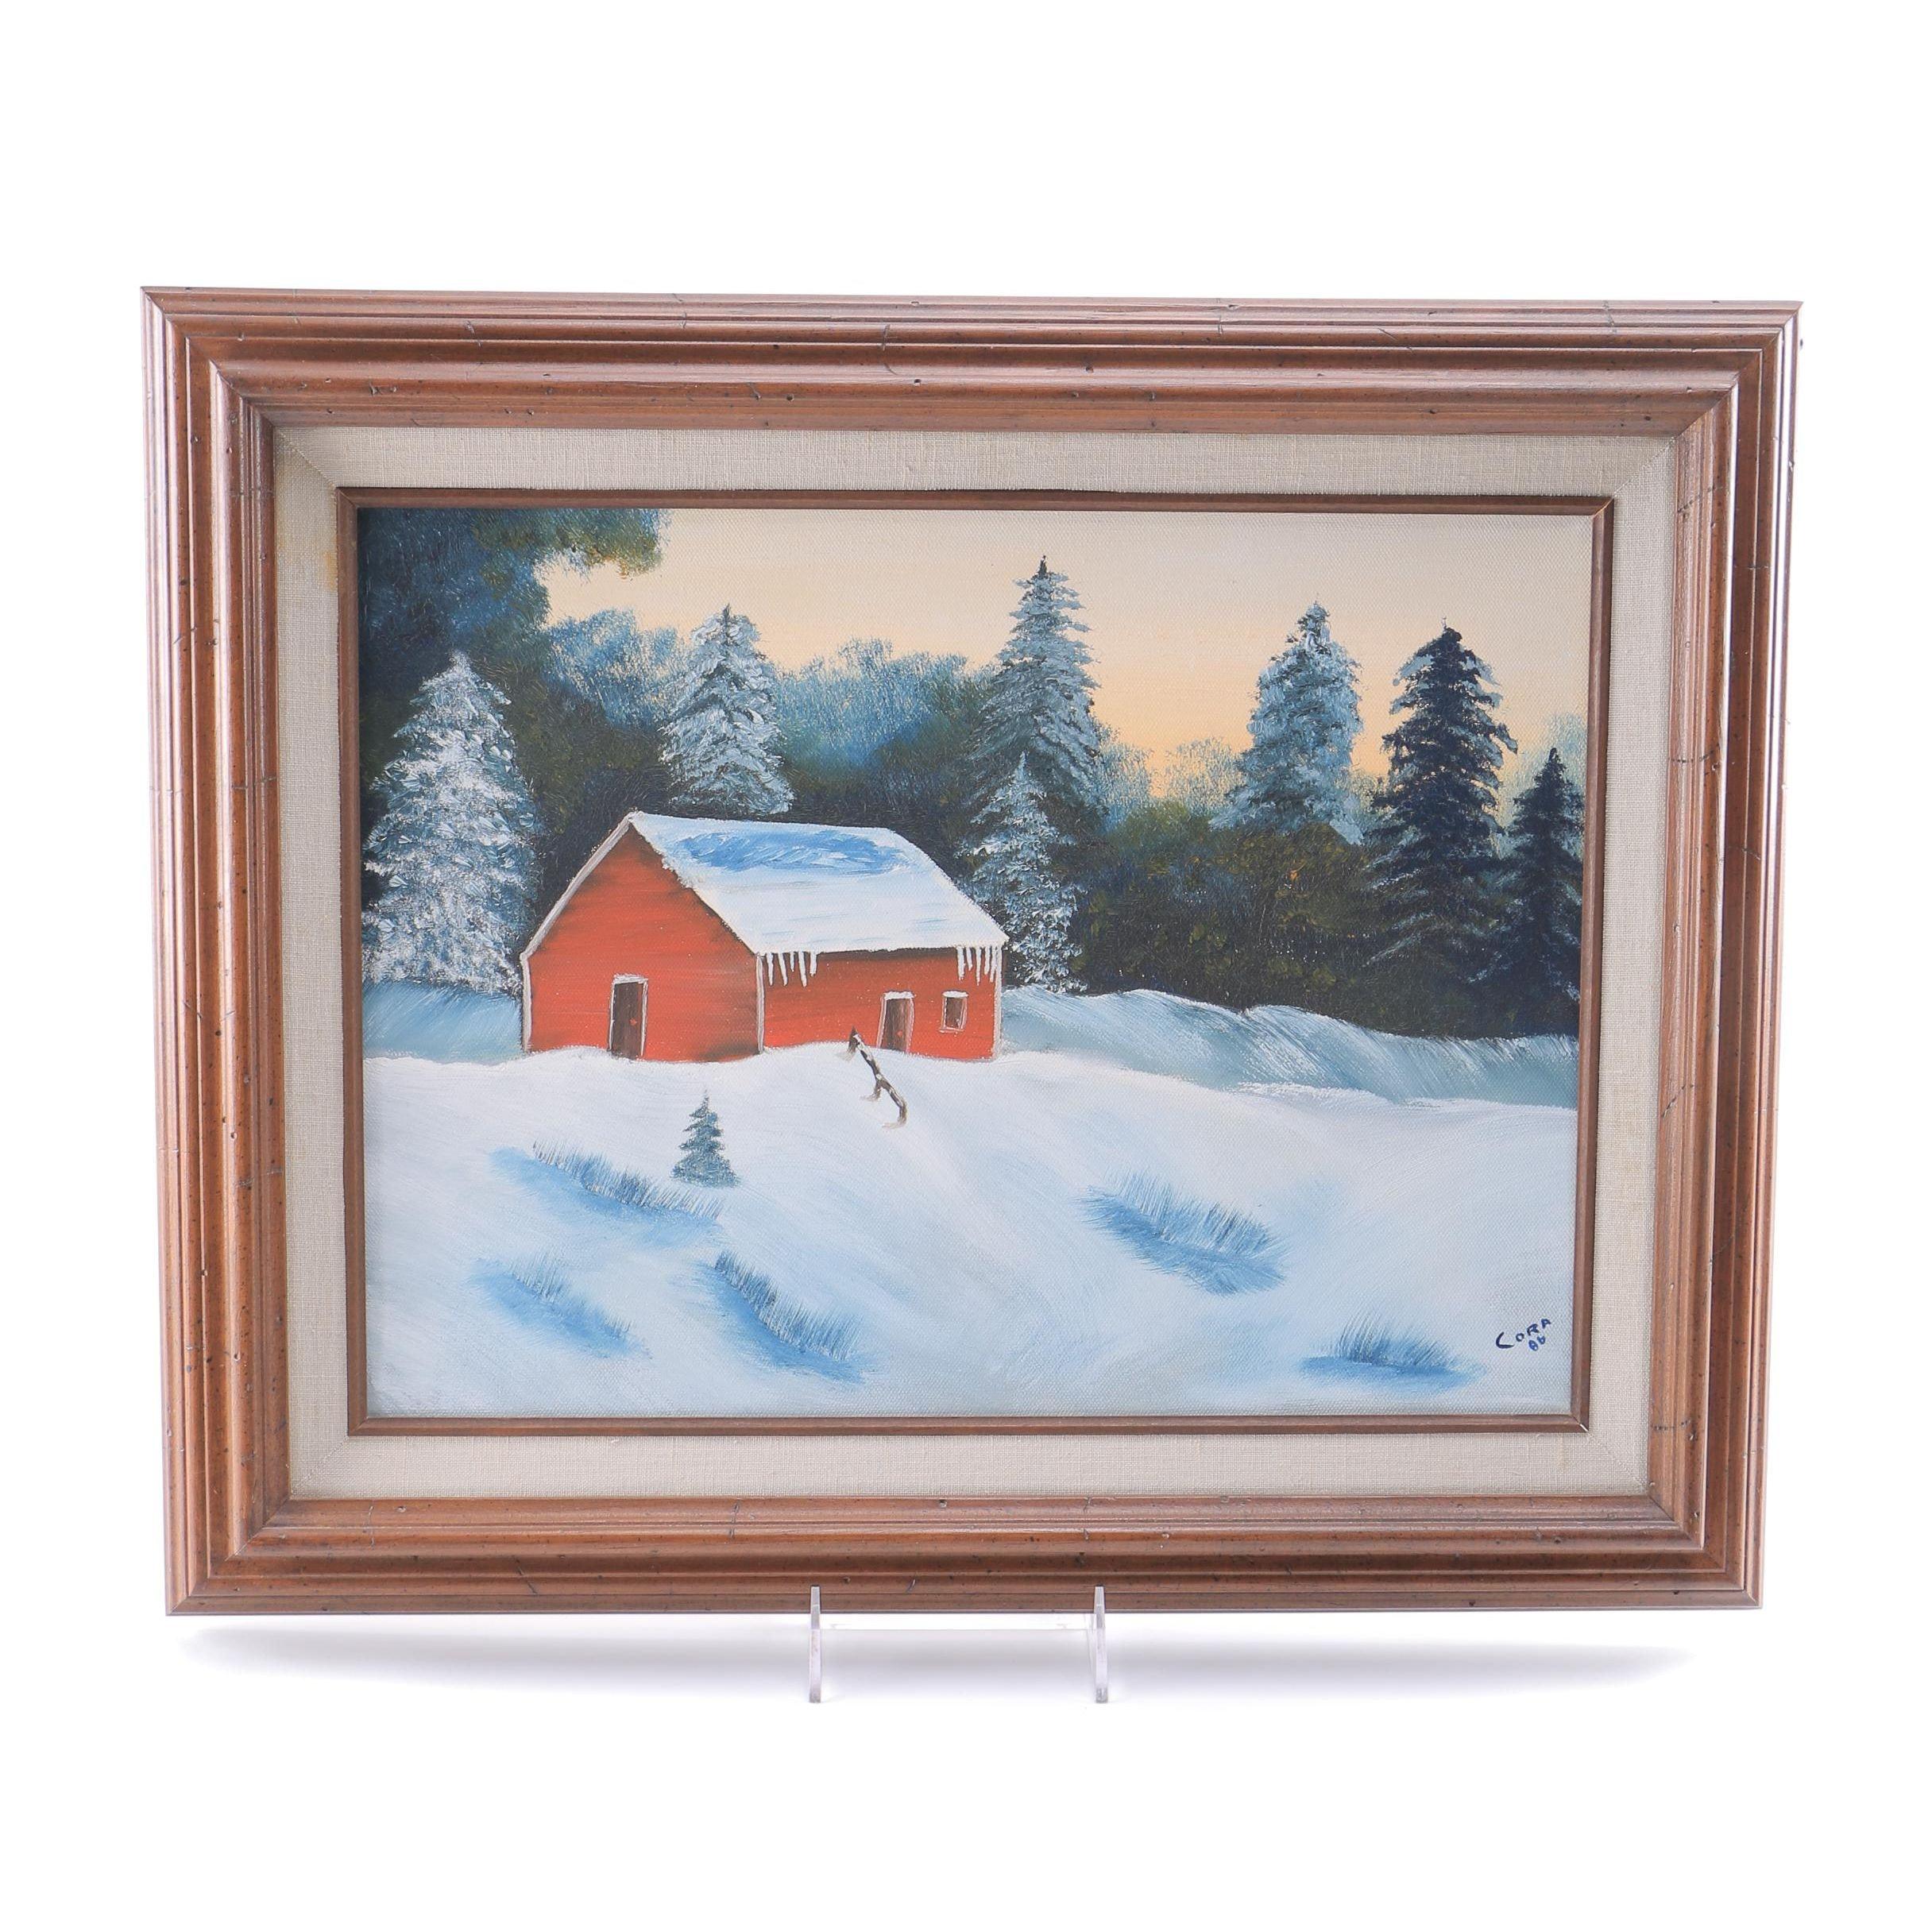 Cora Oil on Canvas of Winter Scene